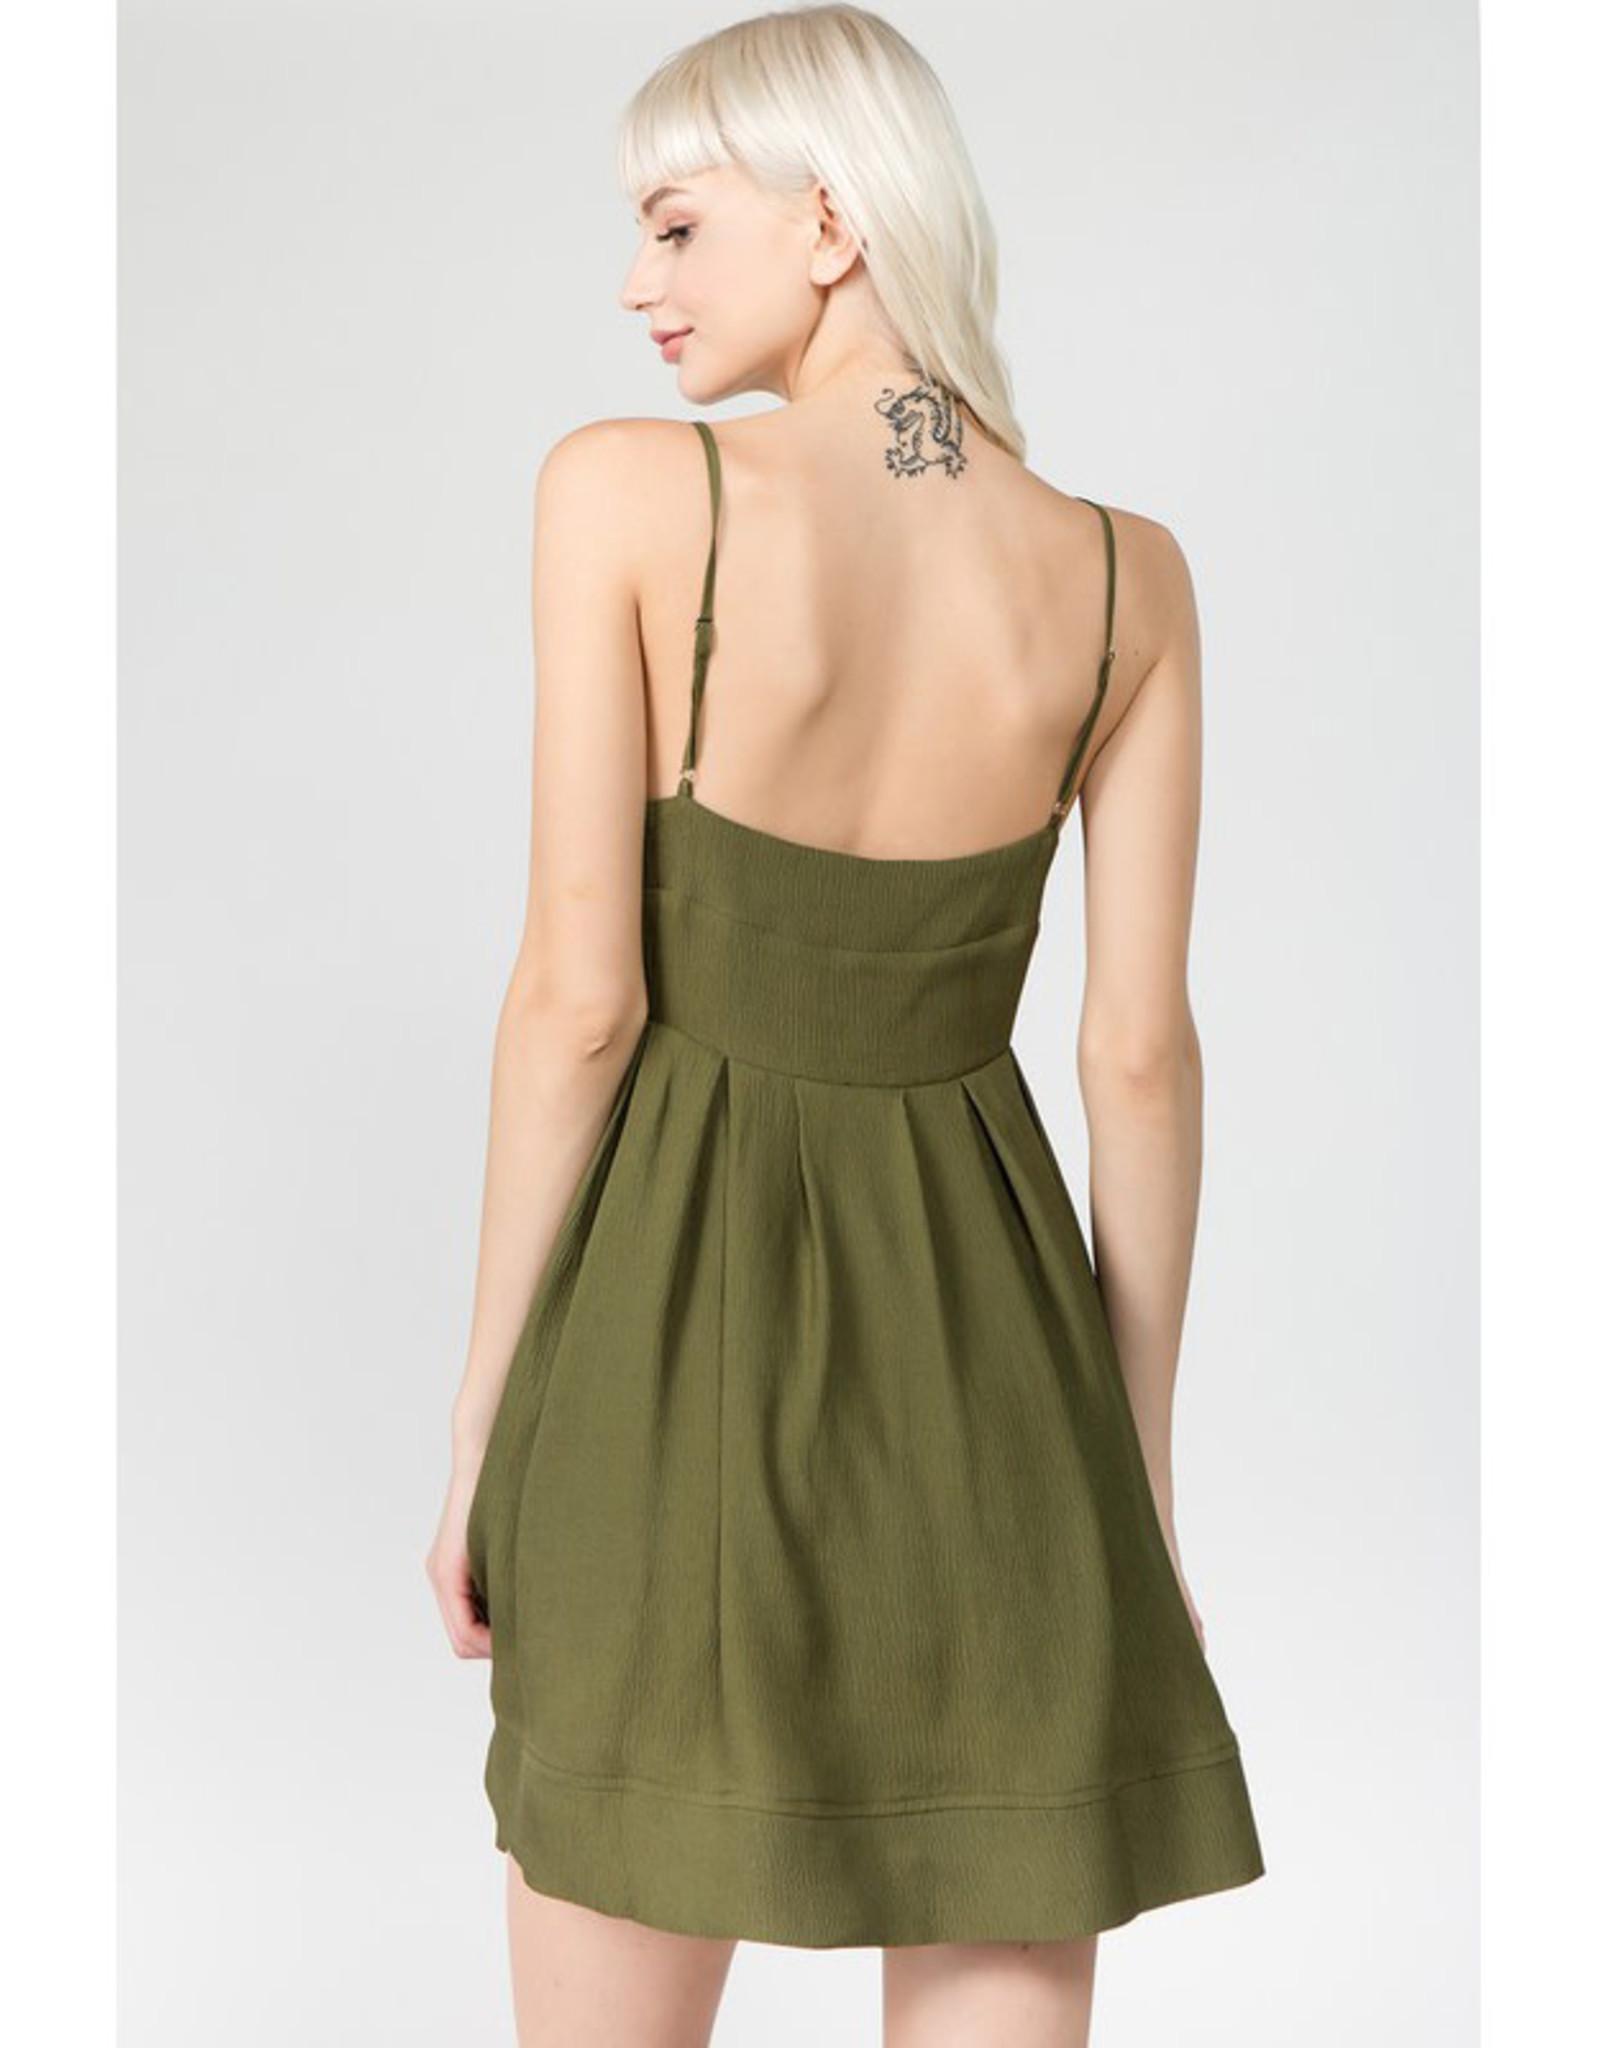 Moss Green Mini Dress